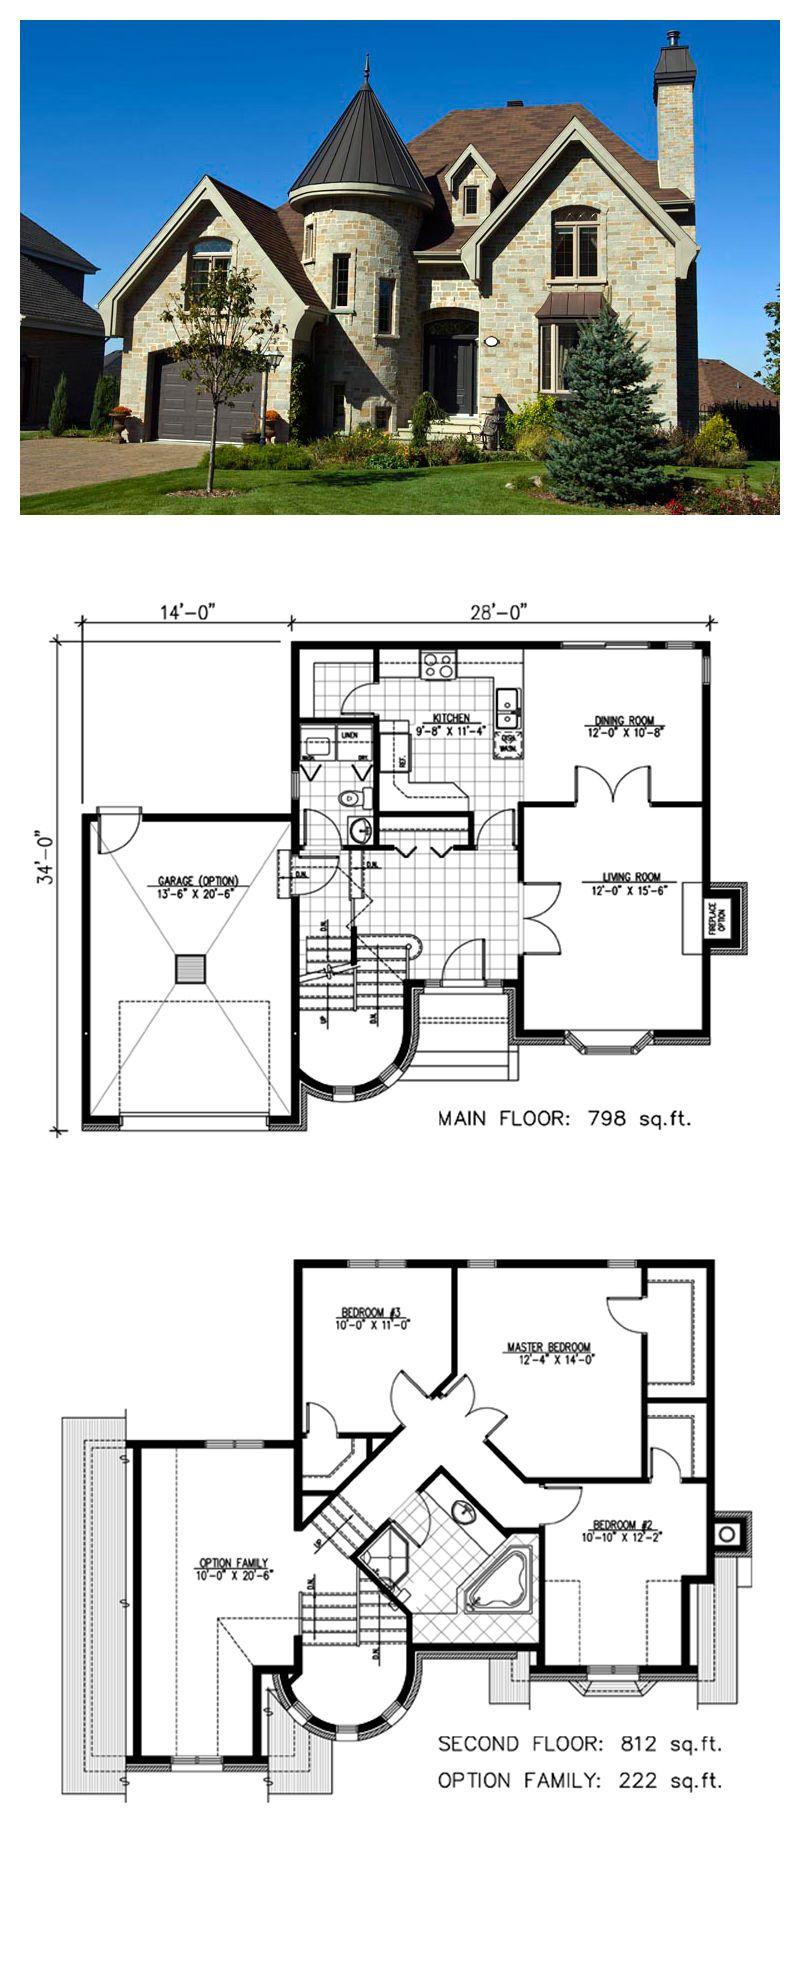 Plans de maisons victoriennes plans de maisons européennes maisons victoriennes maison sims la paroi de support de charge cottage de conte de fées